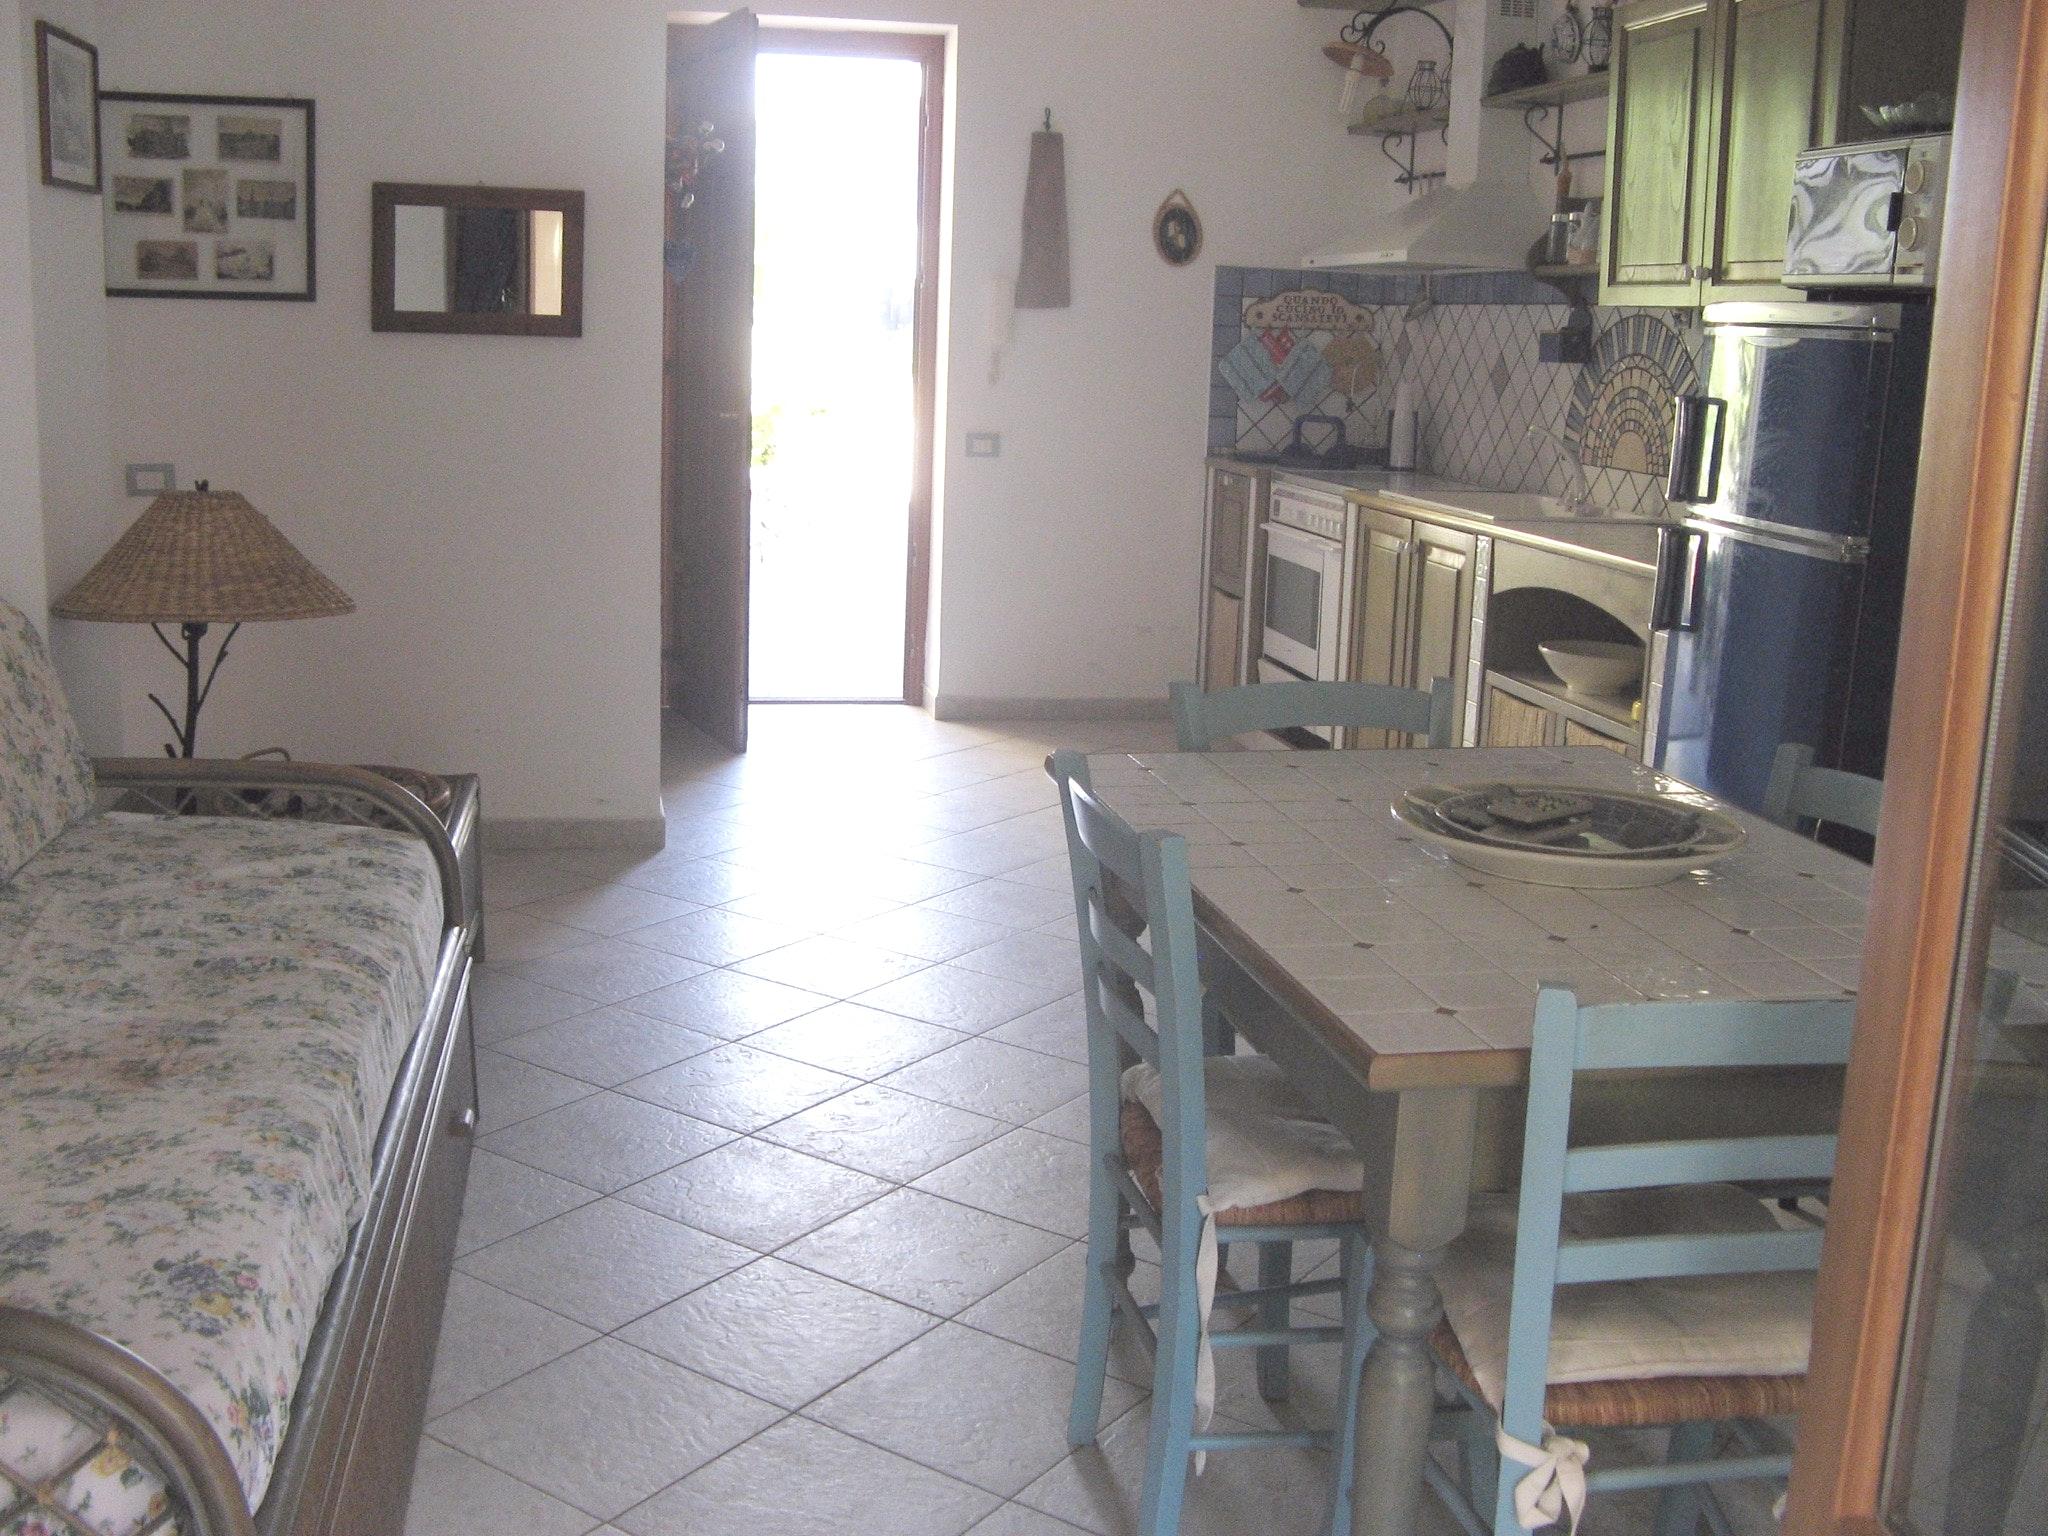 Appartement de vacances Wohnung mit 2 Schlafzimmern in Lipari mit möblierter Terrasse - 20 m vom Strand entfernt (2202323), Lipari, Lipari, Sicile, Italie, image 4